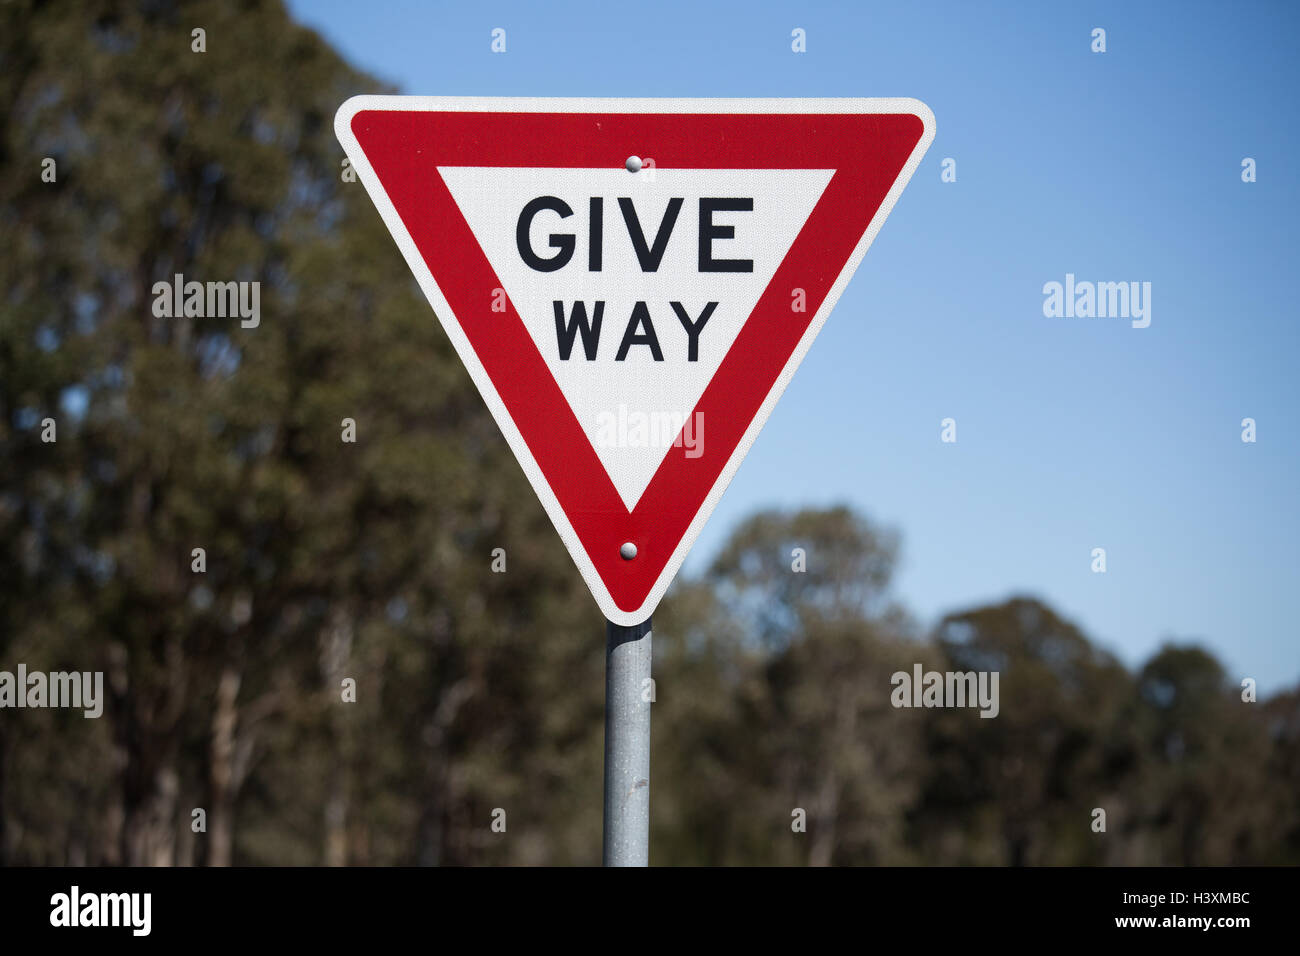 Wege-Schild, Vorfahrt oder Ertrag für den entgegenkommenden Verkehr zu geben. Stockbild